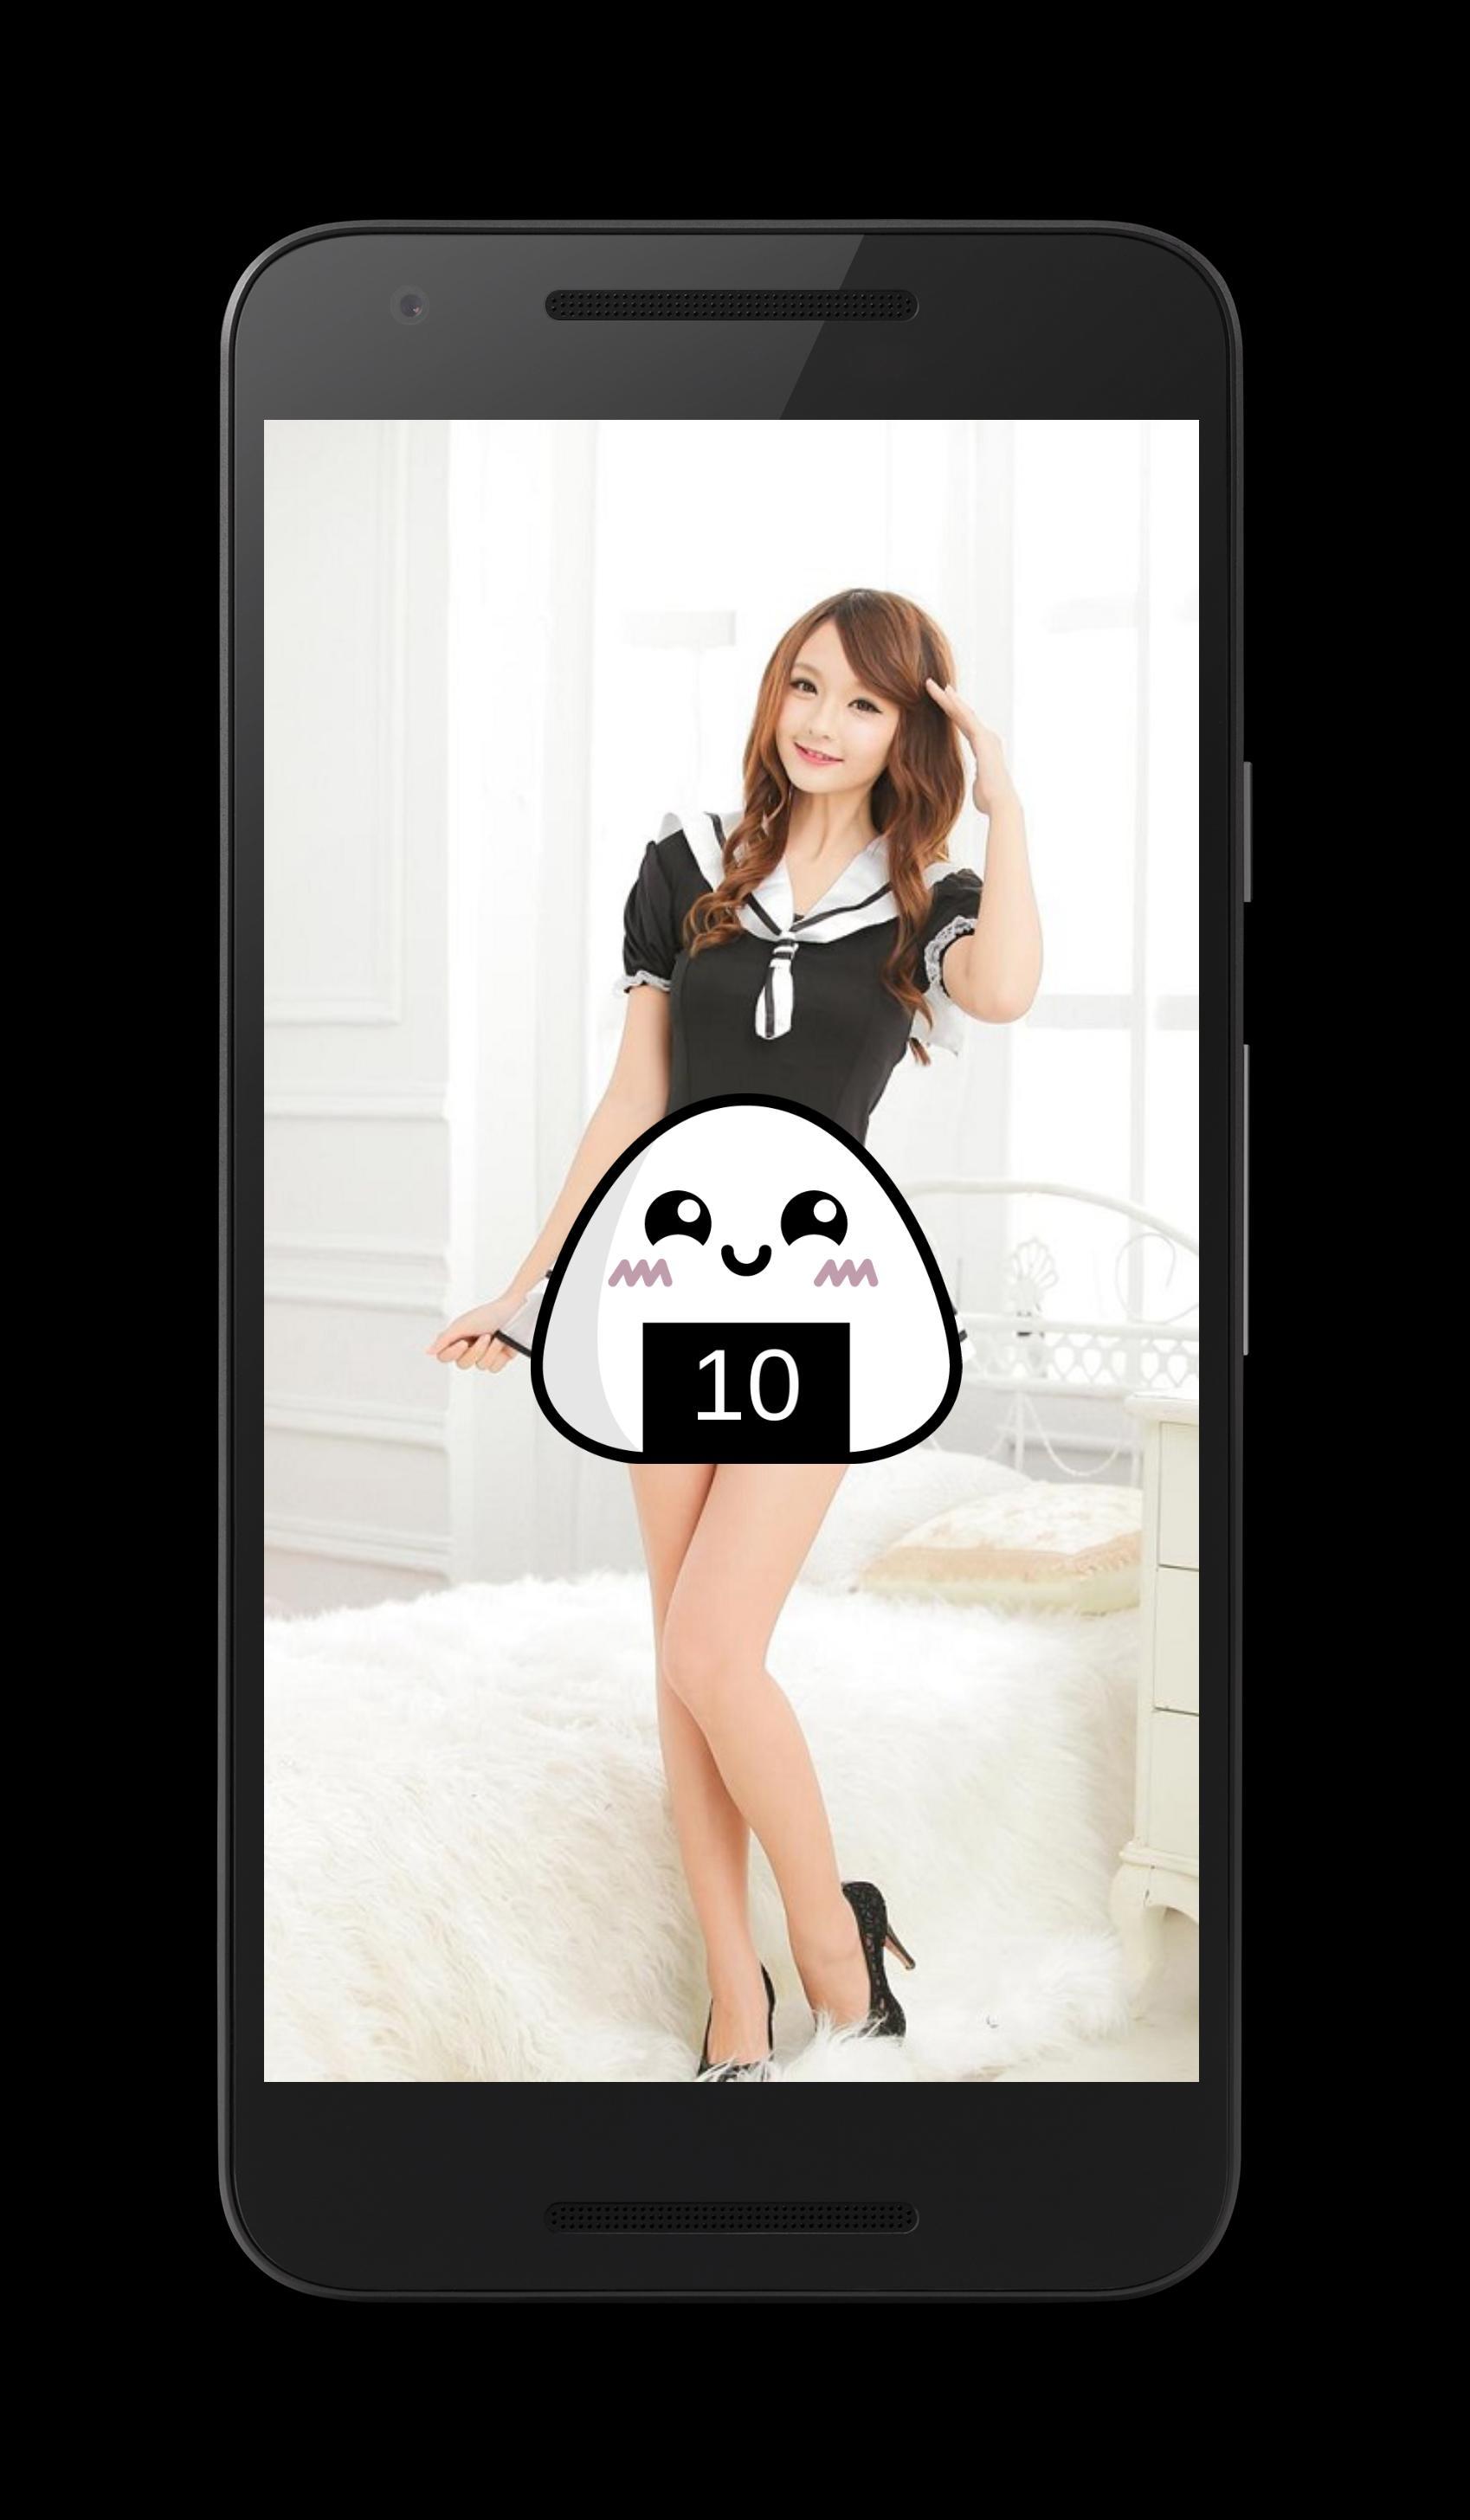 Aplicacion Juegos Porno Movil toca chicas japón for android - apk download